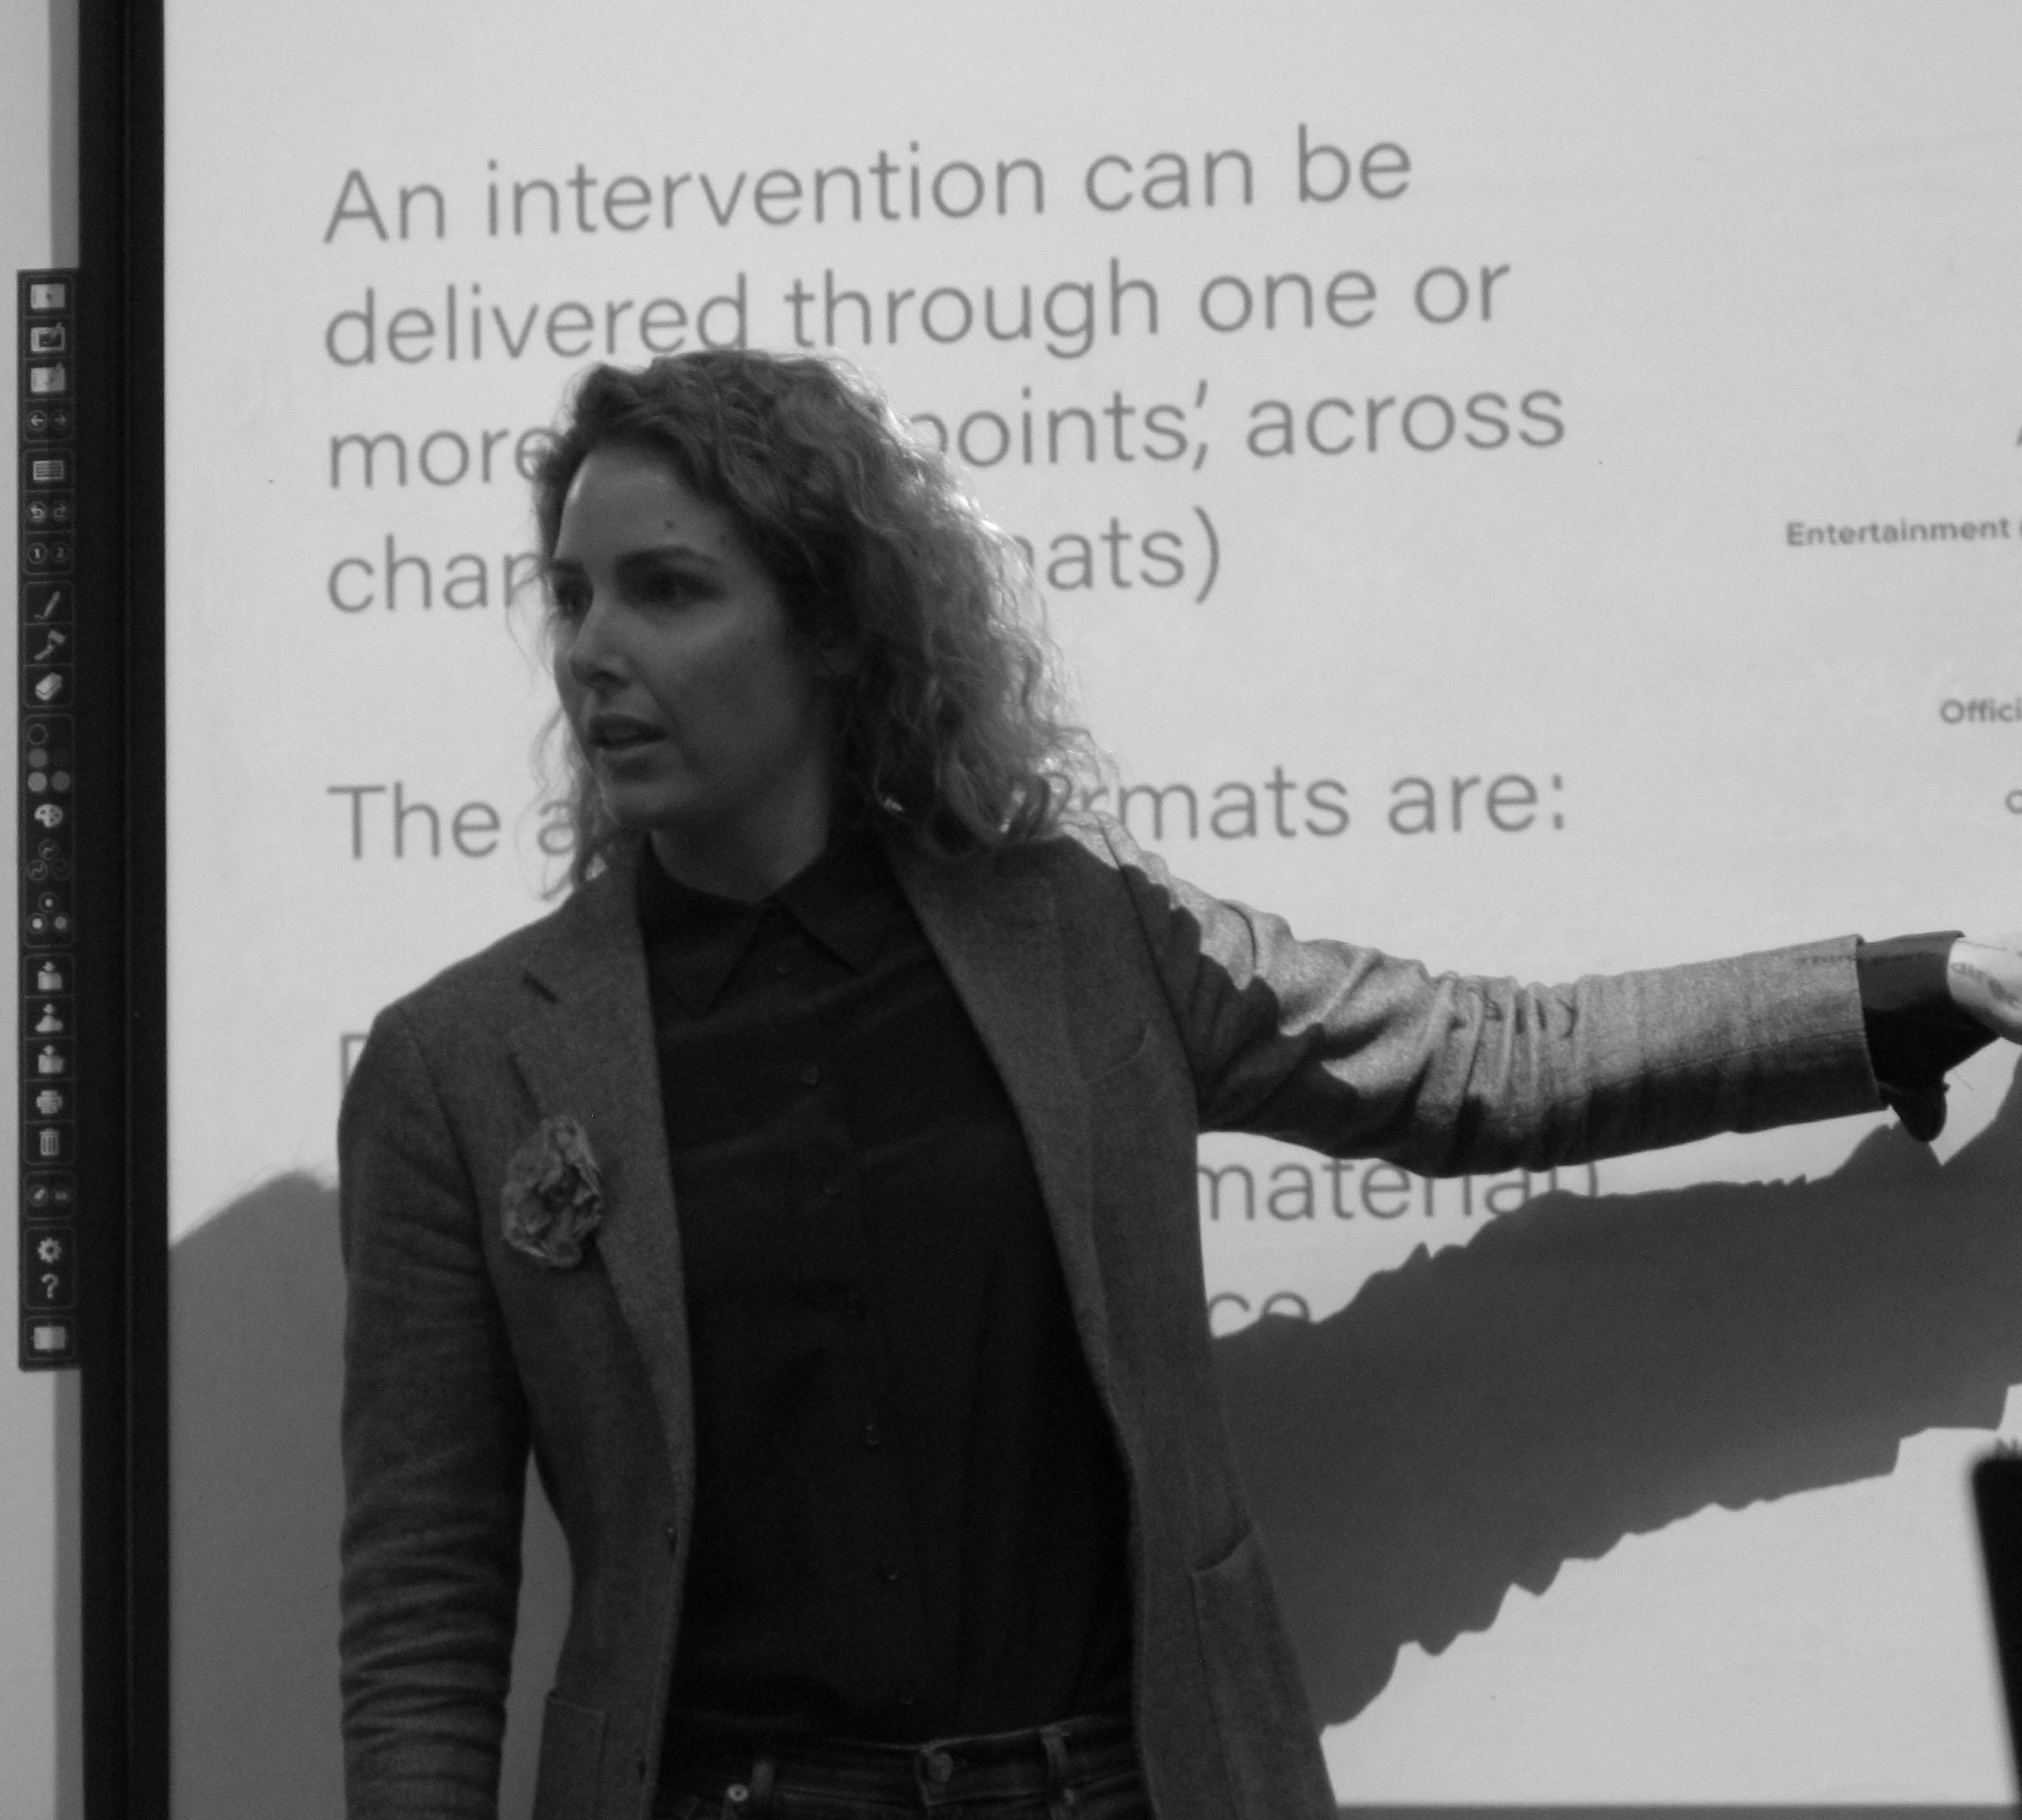 Professor Michelle Gilmore